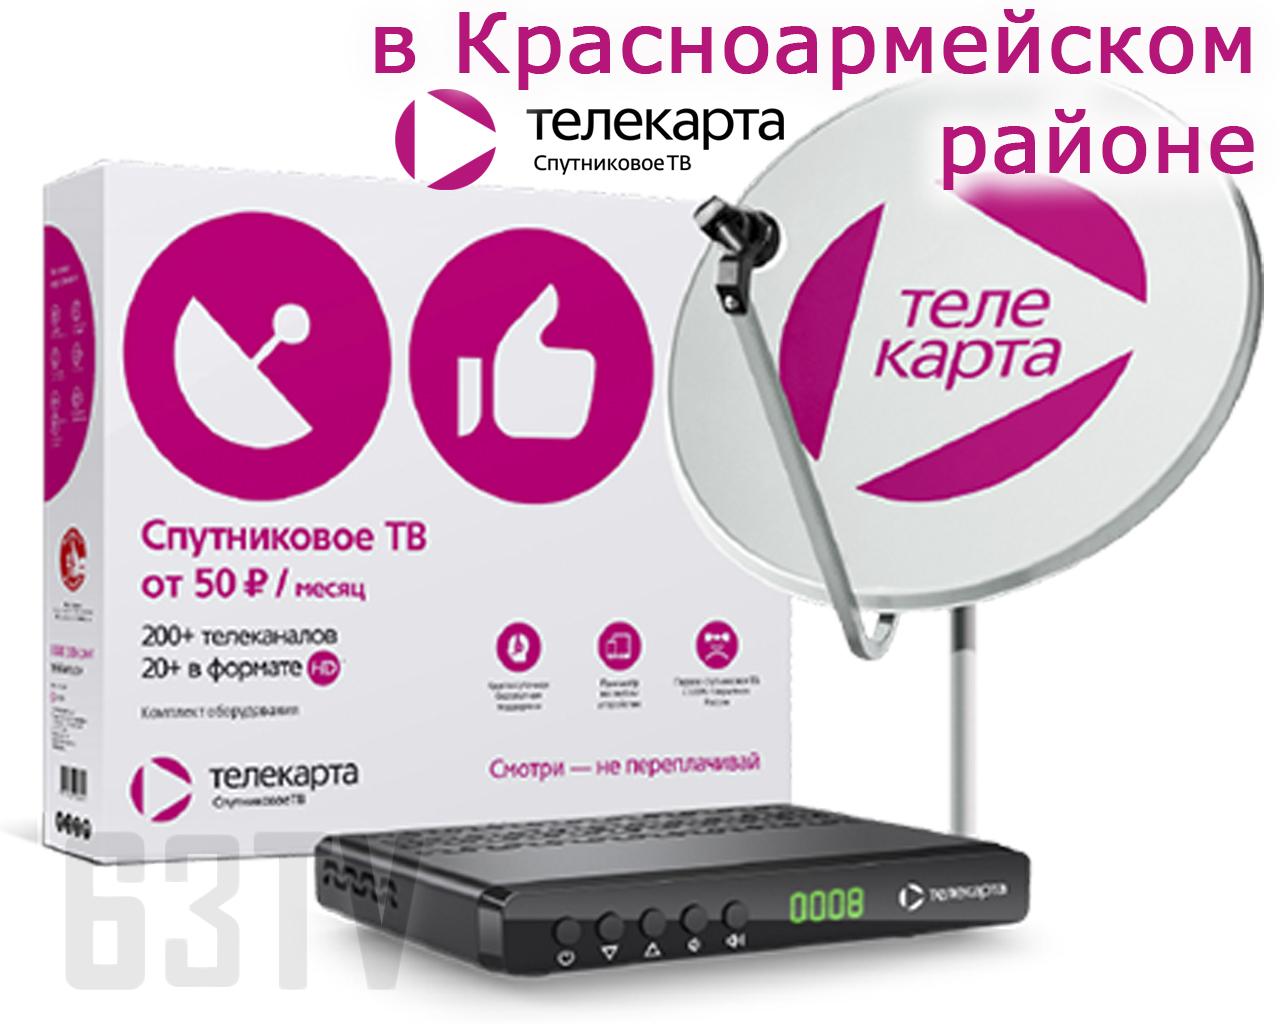 Телекарта ТВ в Красноармейском районе